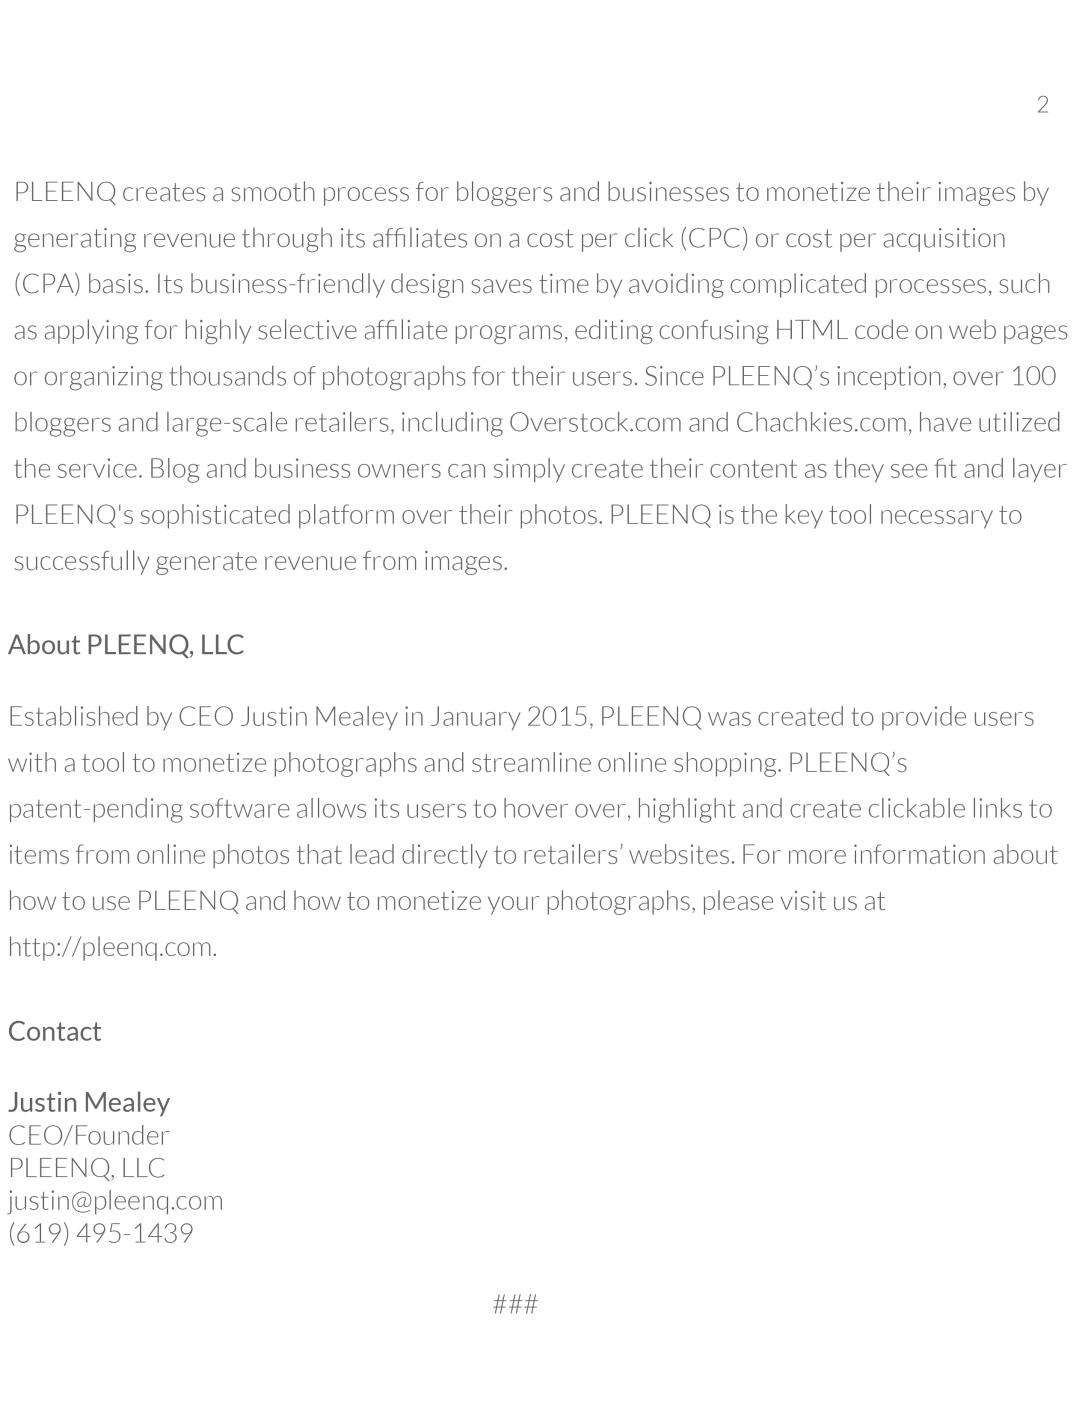 PLEENQ, LLC Media Kit 2015 - Copy-4